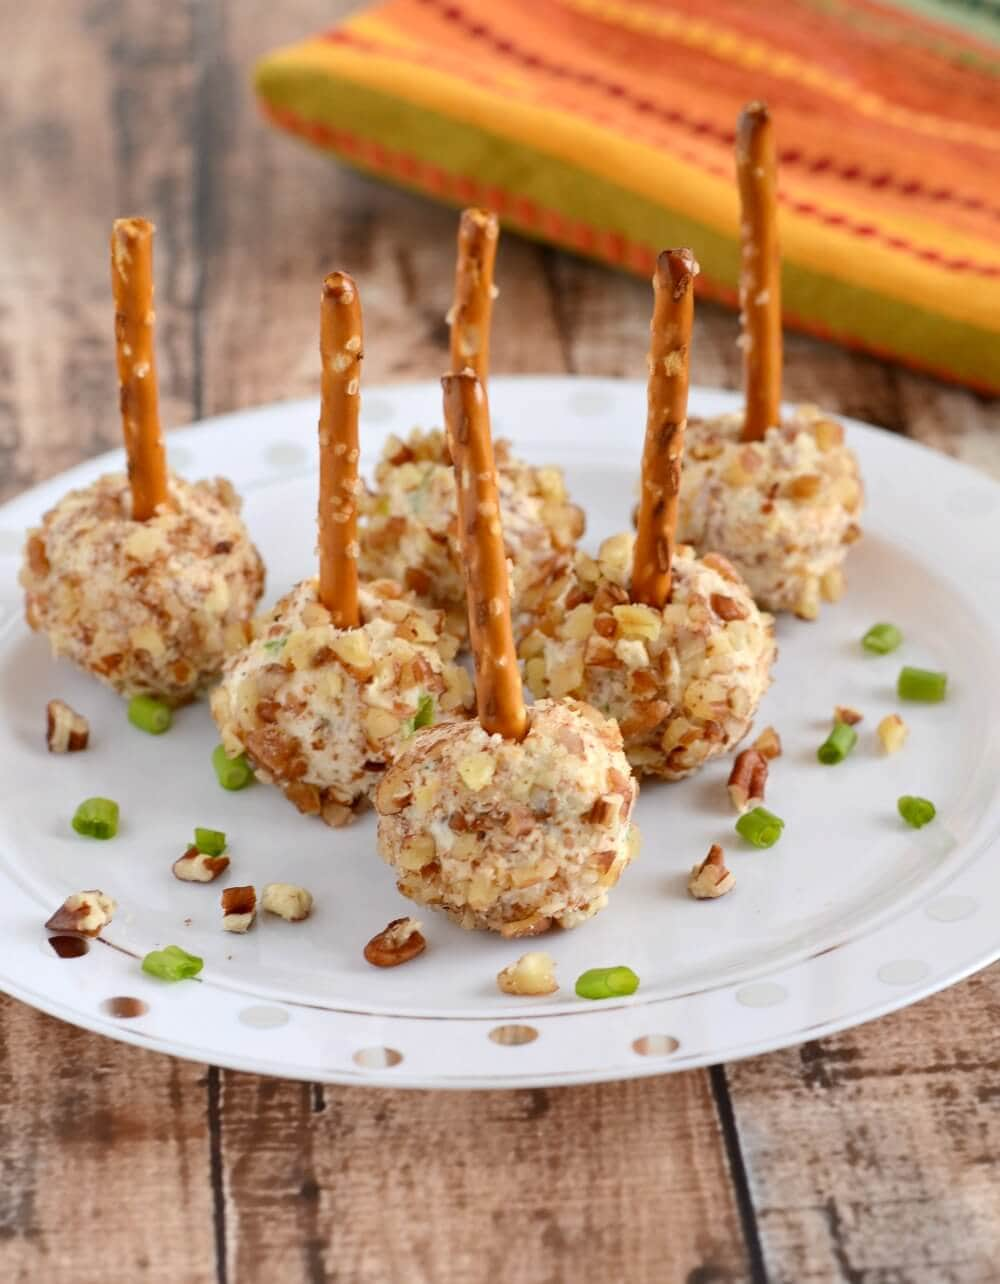 plate of mini cheese ball bites on pretzel sticks